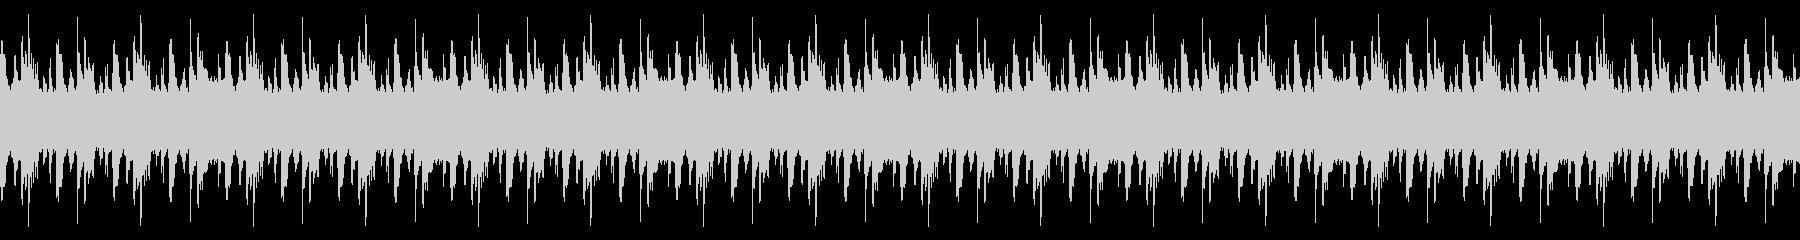 エレキベースがかっこいいロックなBGMの未再生の波形